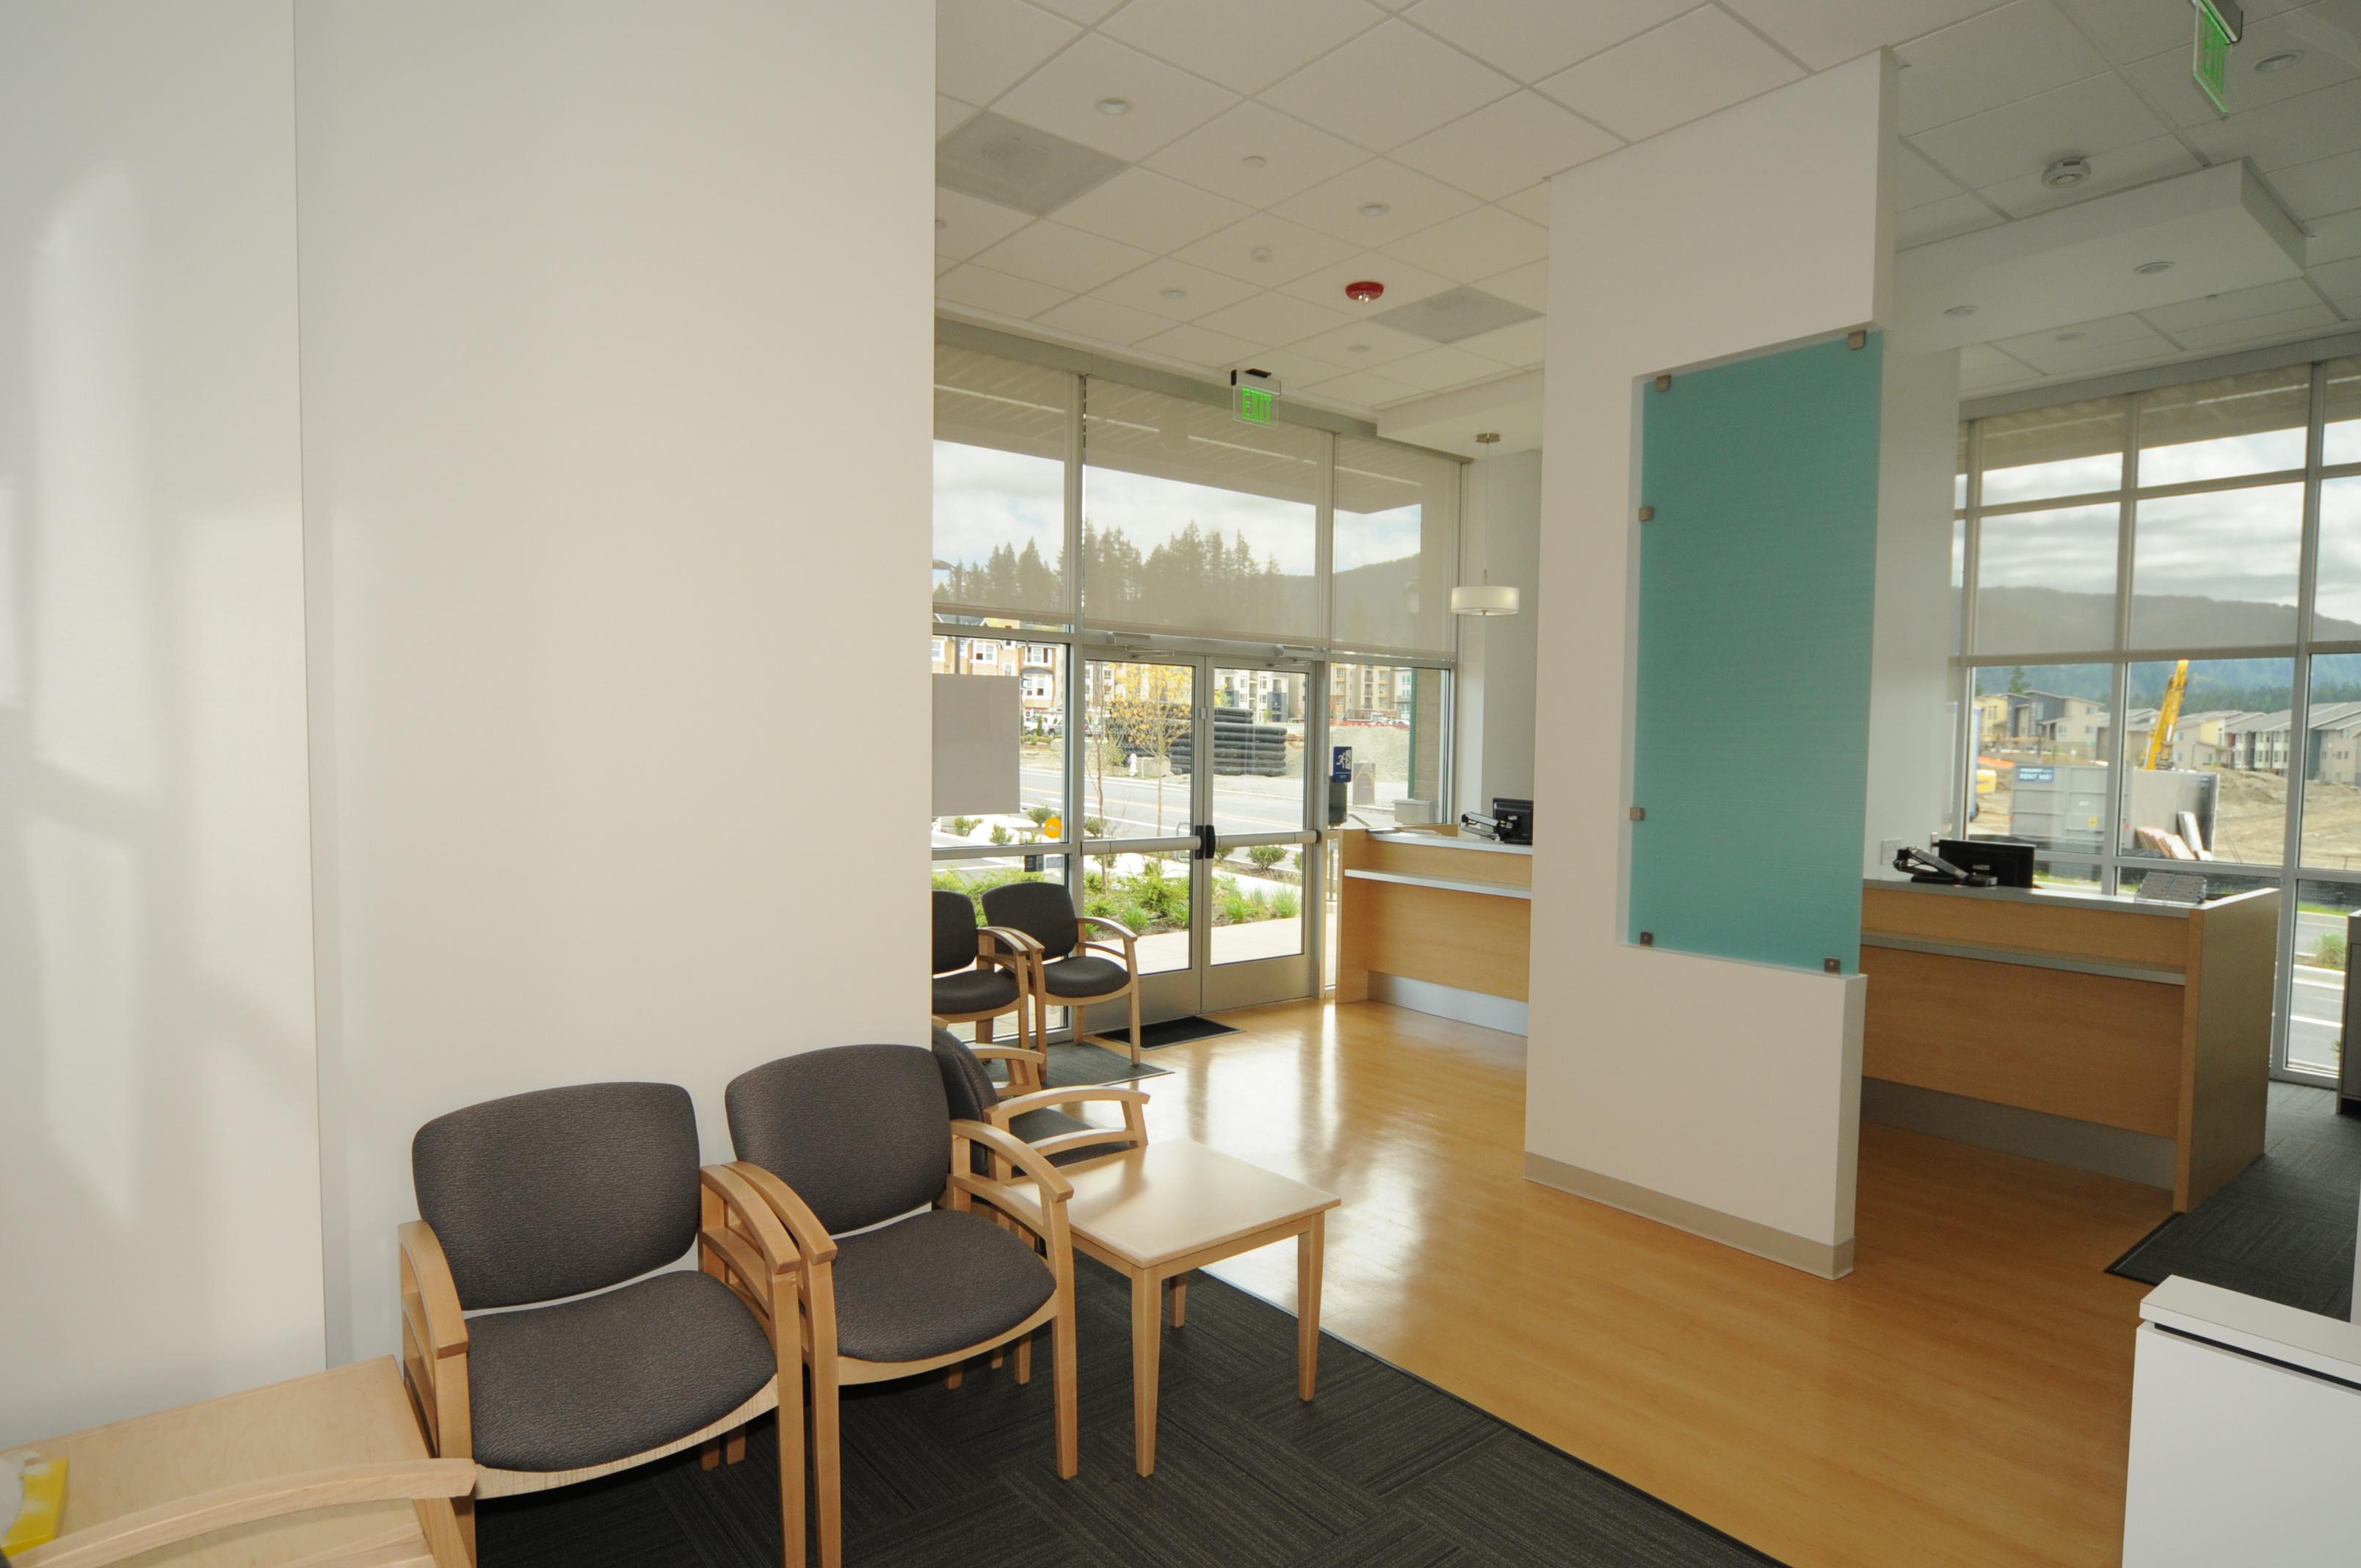 Issaquah Highlands Dental Group image 5